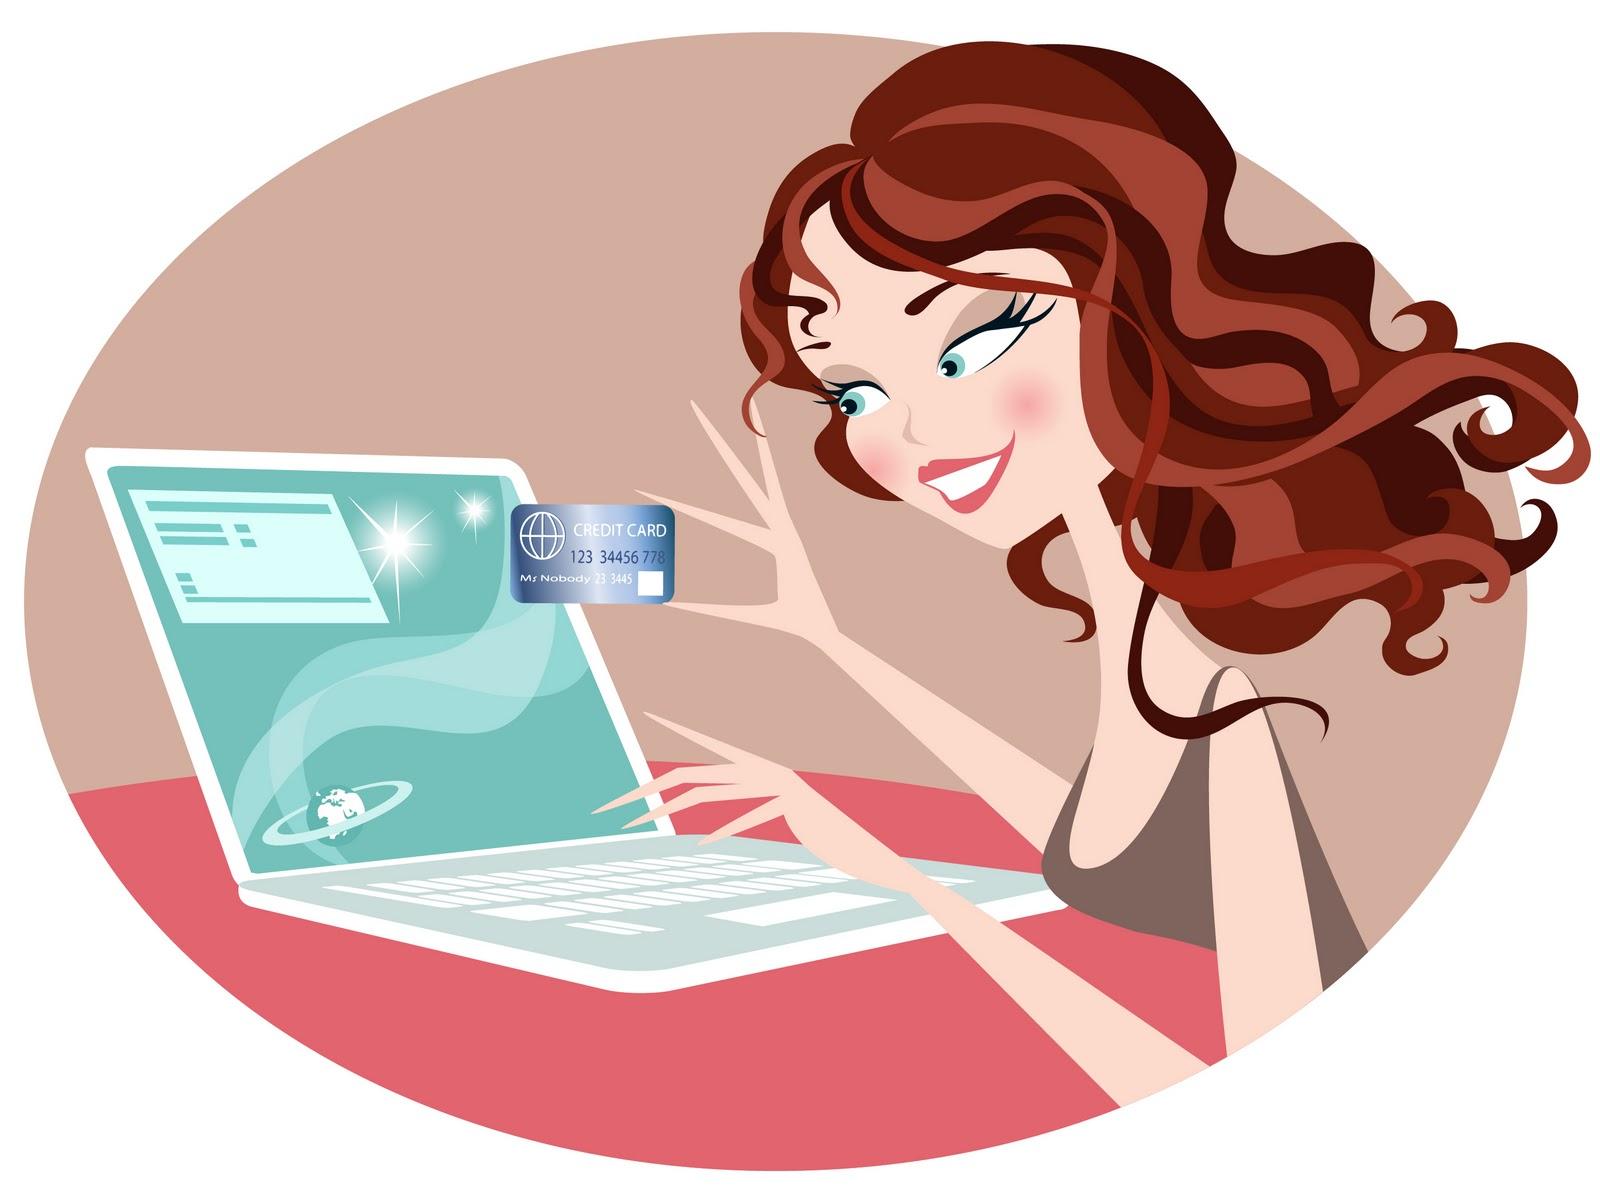 online-shopping-girl.jpg